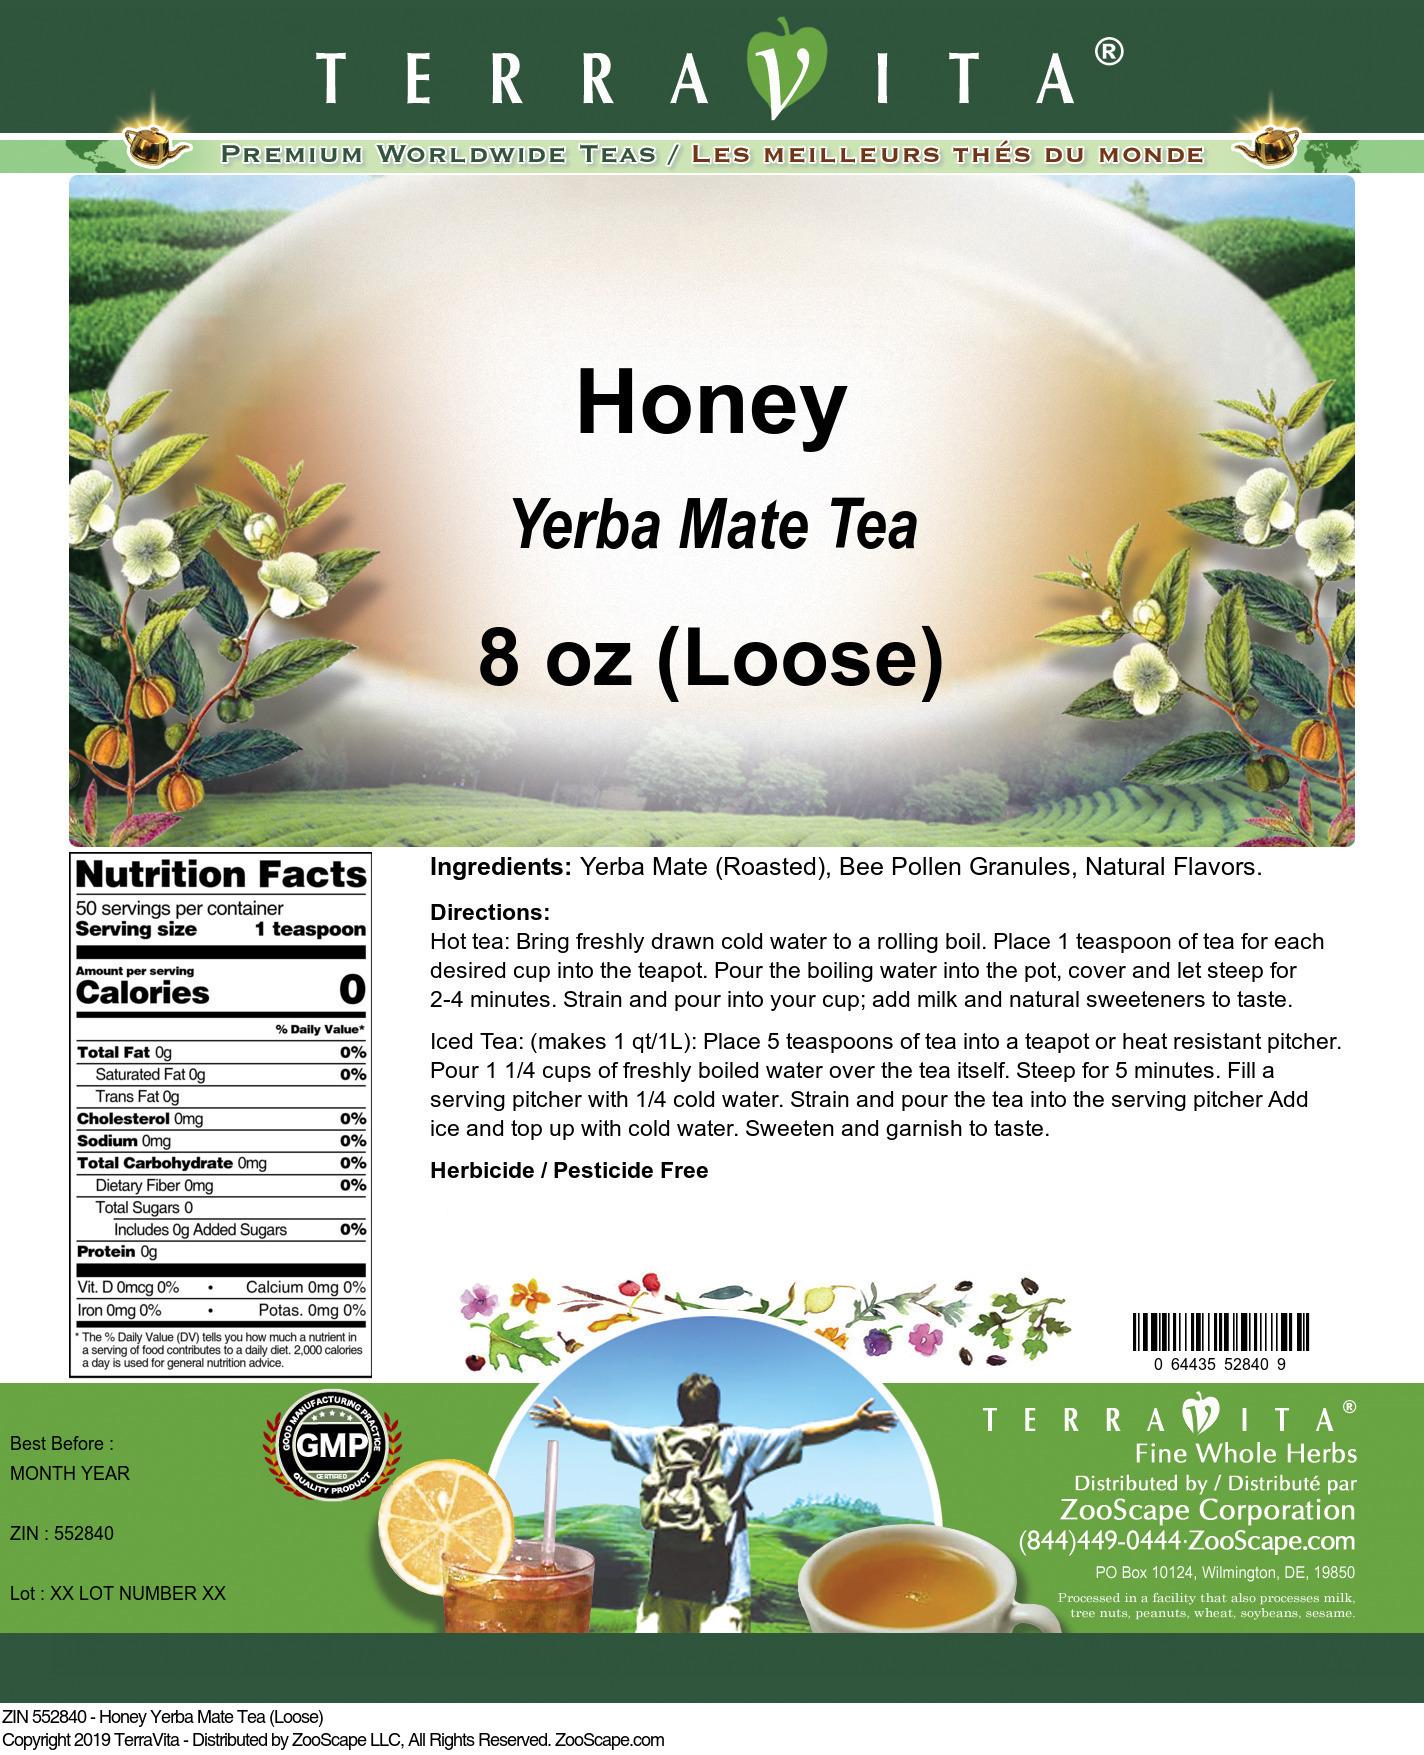 Honey Yerba Mate